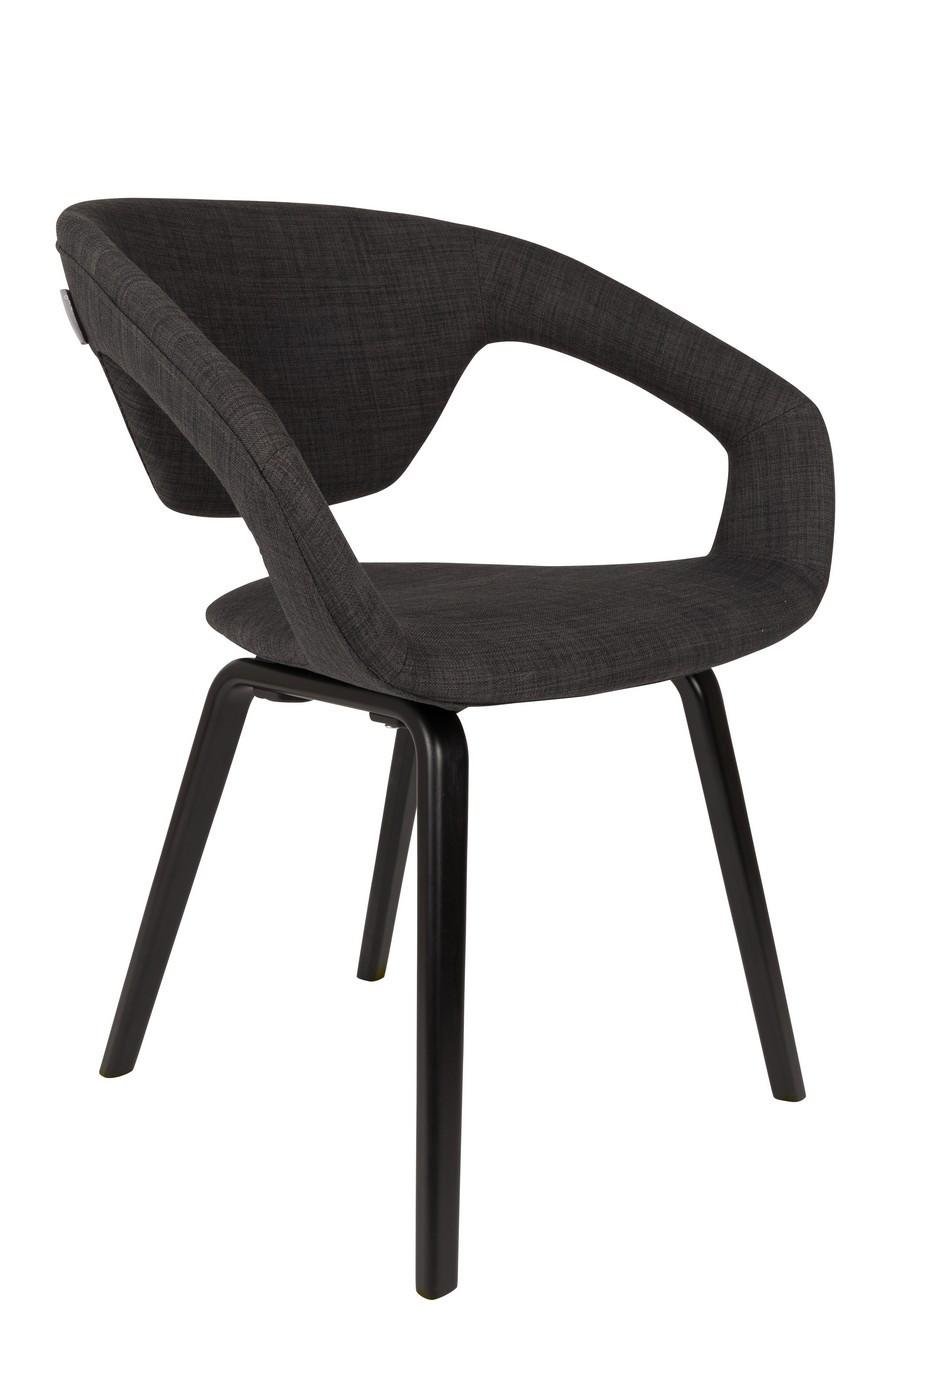 Chaise design tissu Anthracite/noir